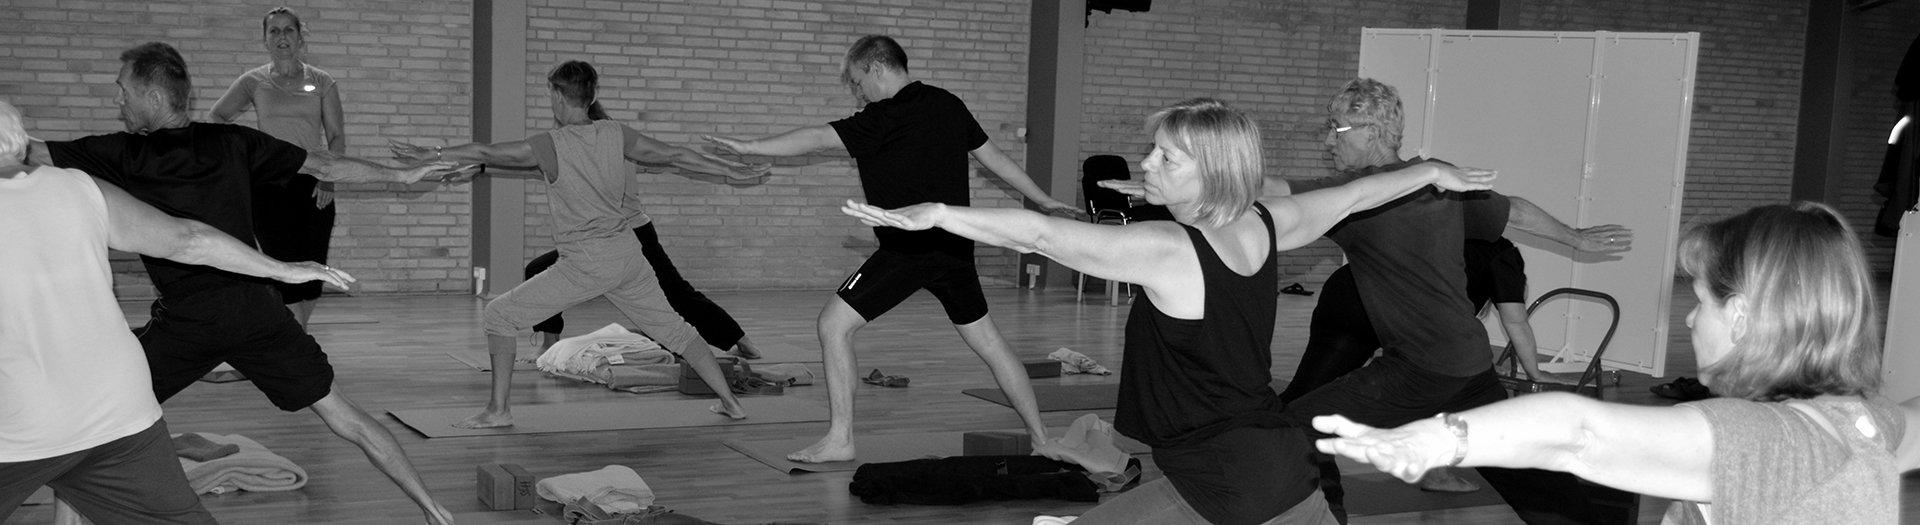 yoga og højskole Iyengar hatha ashtanga  gyrokinesis meditation på nørgaards højskole 1920 2